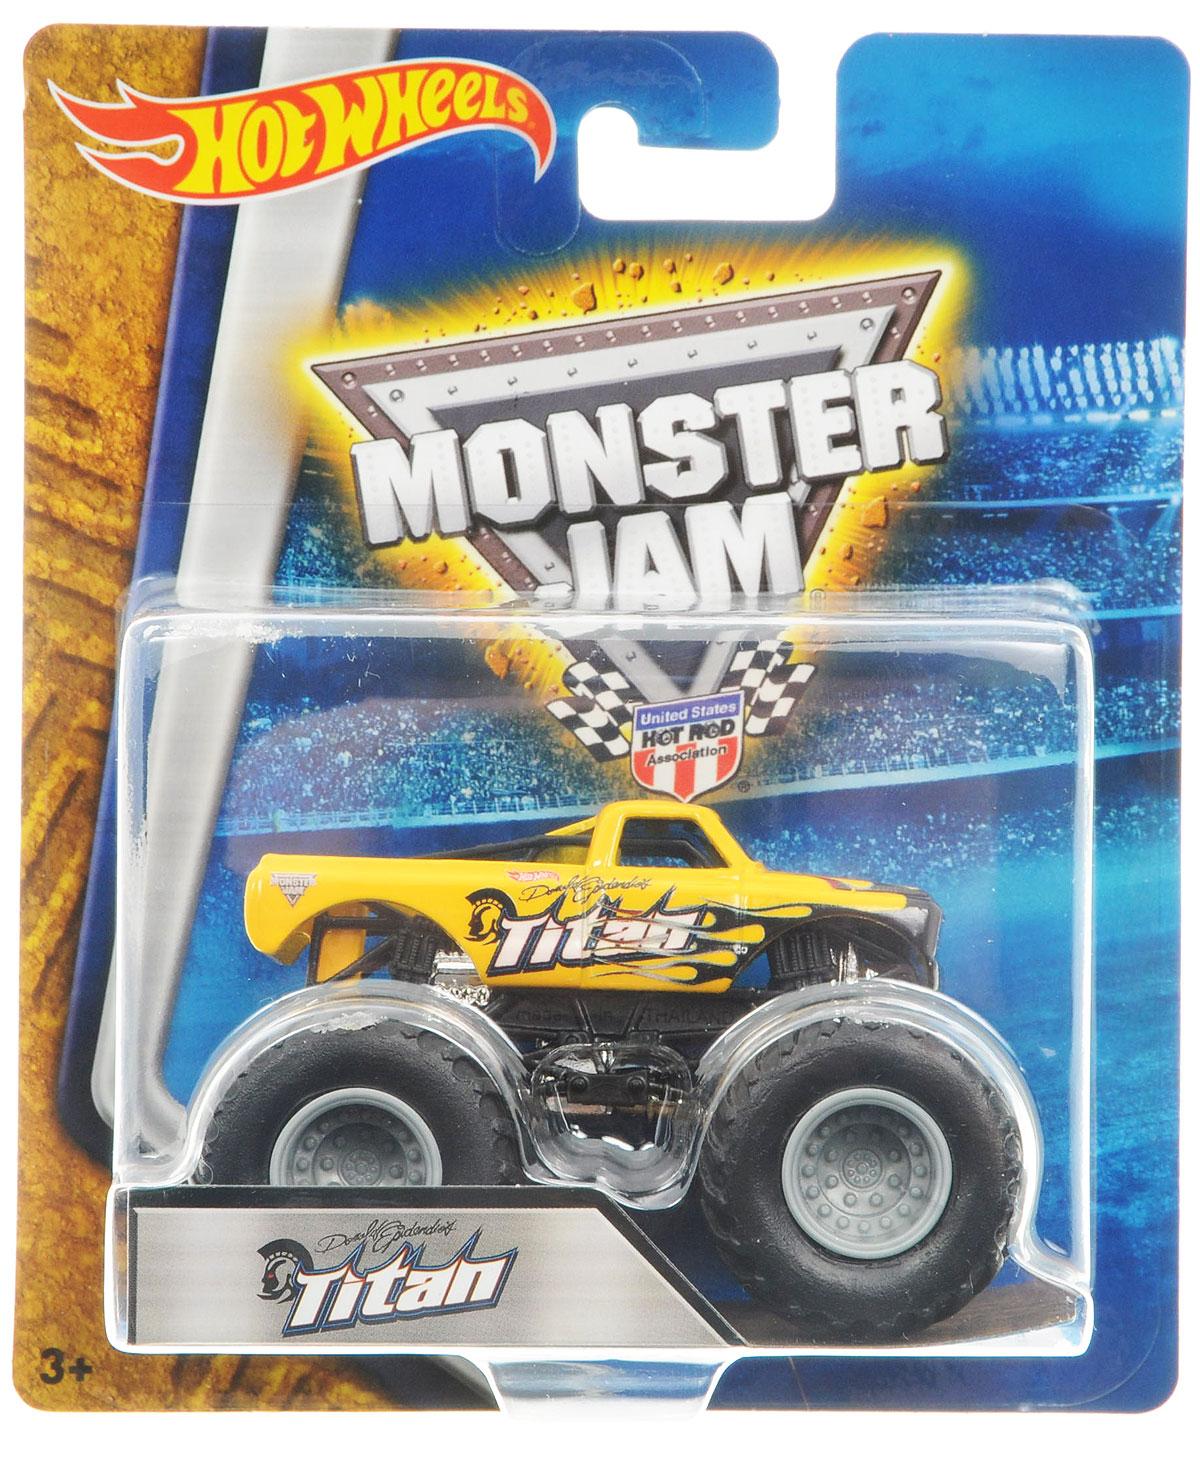 Hot Wheels Monster Jam Машинка TitanBHP37_DRR63Машинка Hot Wheels Monster Jam. Titan - это знаменитая модель легендарного автомобиля с большими колесами в масштабе 1:64. Литой корпус, сверкающая кабина, внушительный вид. Внедорожник с неповторимым тюнингом оценят как дети, так и взрослые! Детали игрушки выполнены из высококачественных материалов и абсолютно безопасны для детей. Порадуйте своего малыша таким замечательным подарком!